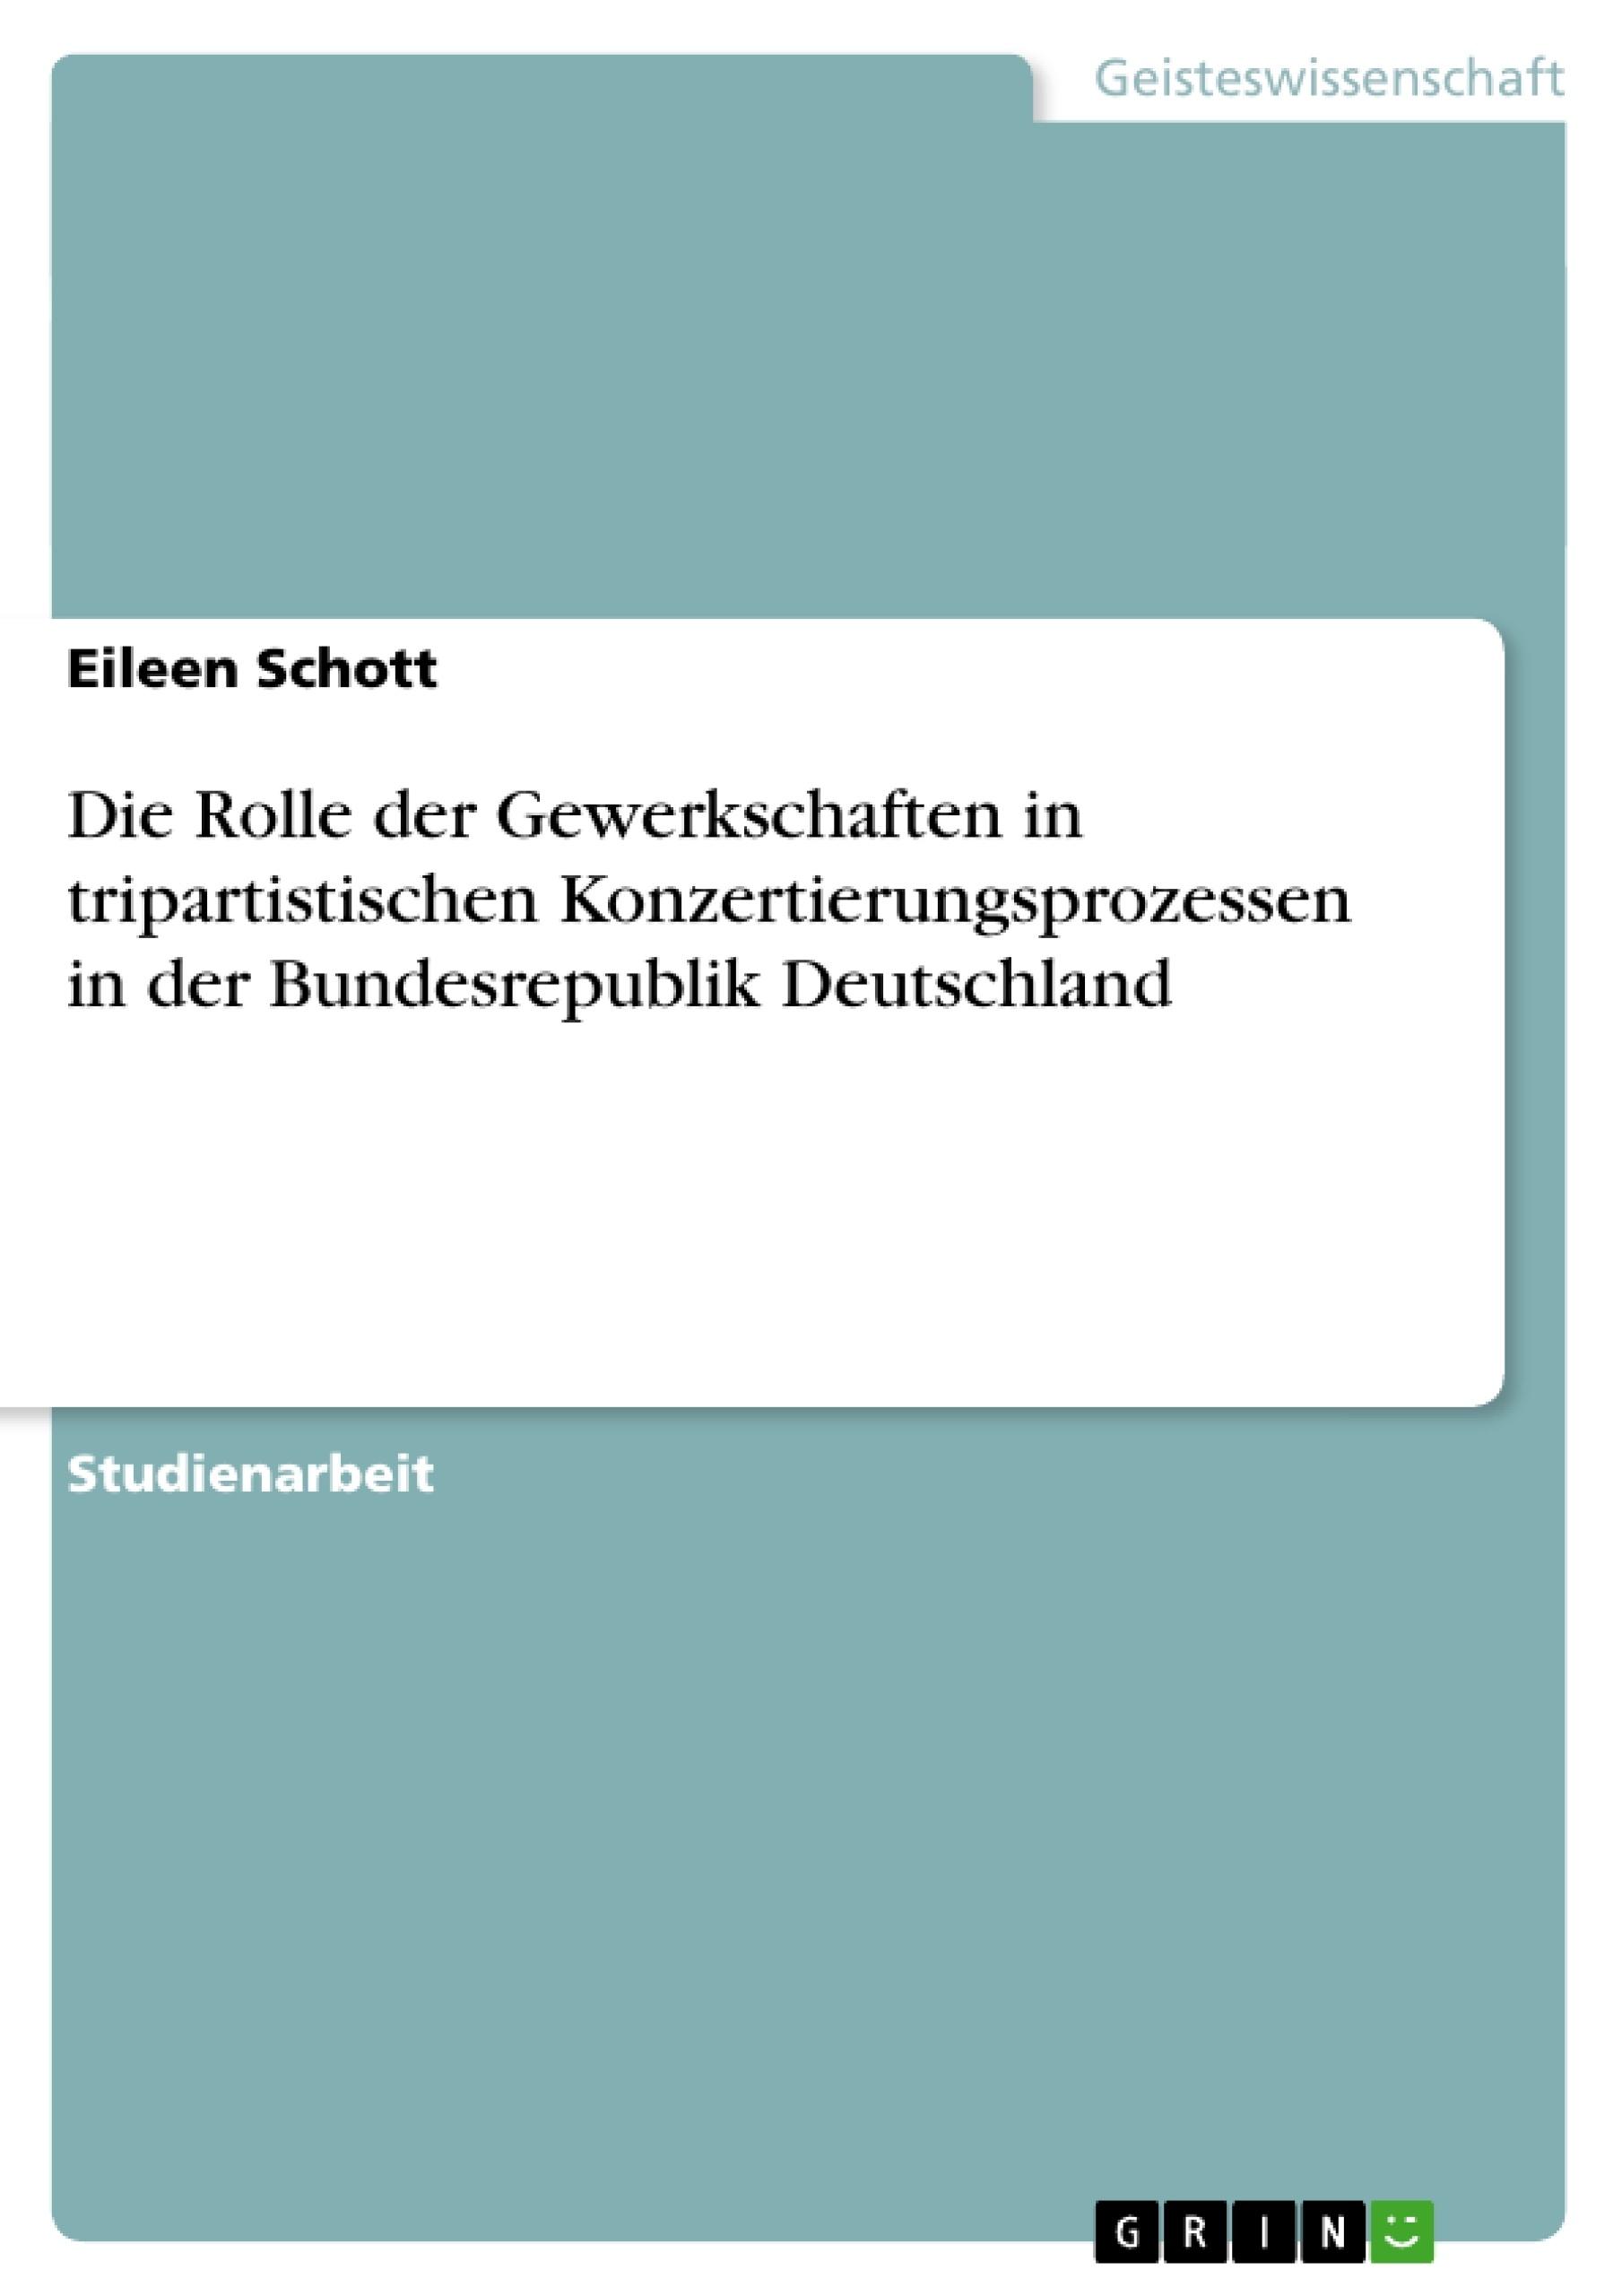 Titel: Die Rolle der Gewerkschaften in tripartistischen Konzertierungsprozessen in der Bundesrepublik Deutschland